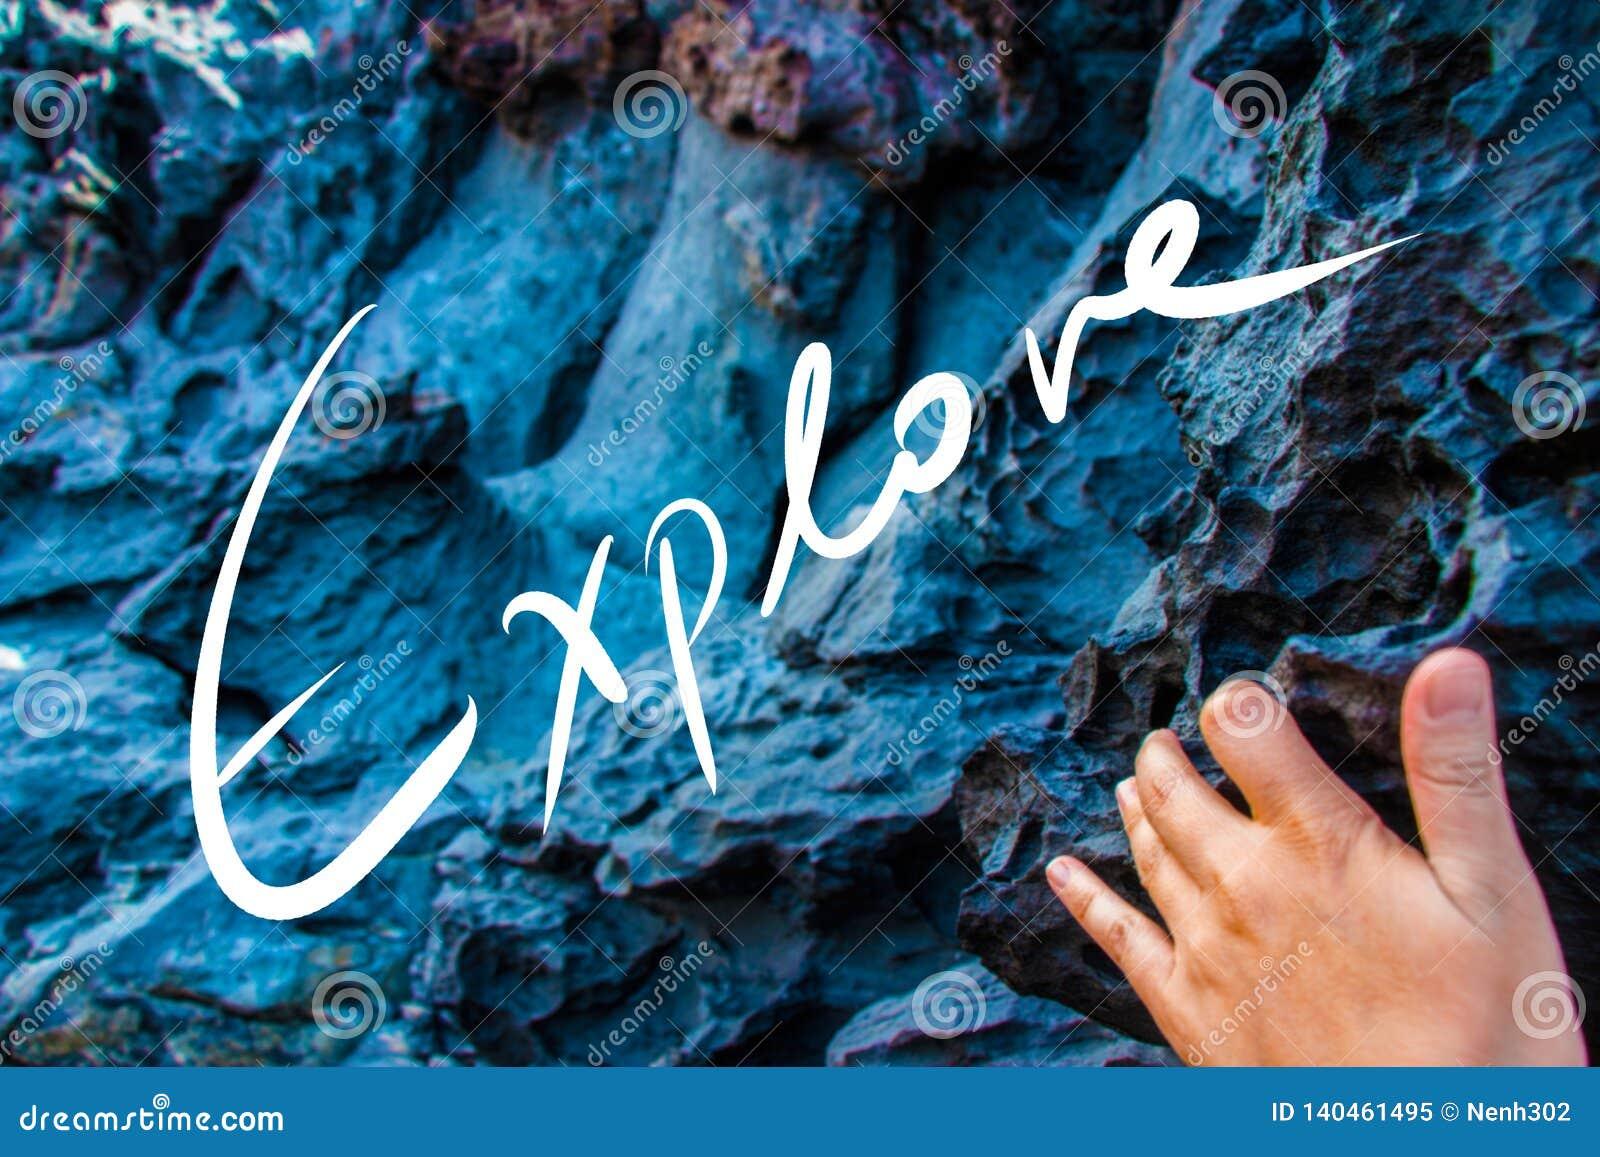 Explore el lema de la escritura en una foto